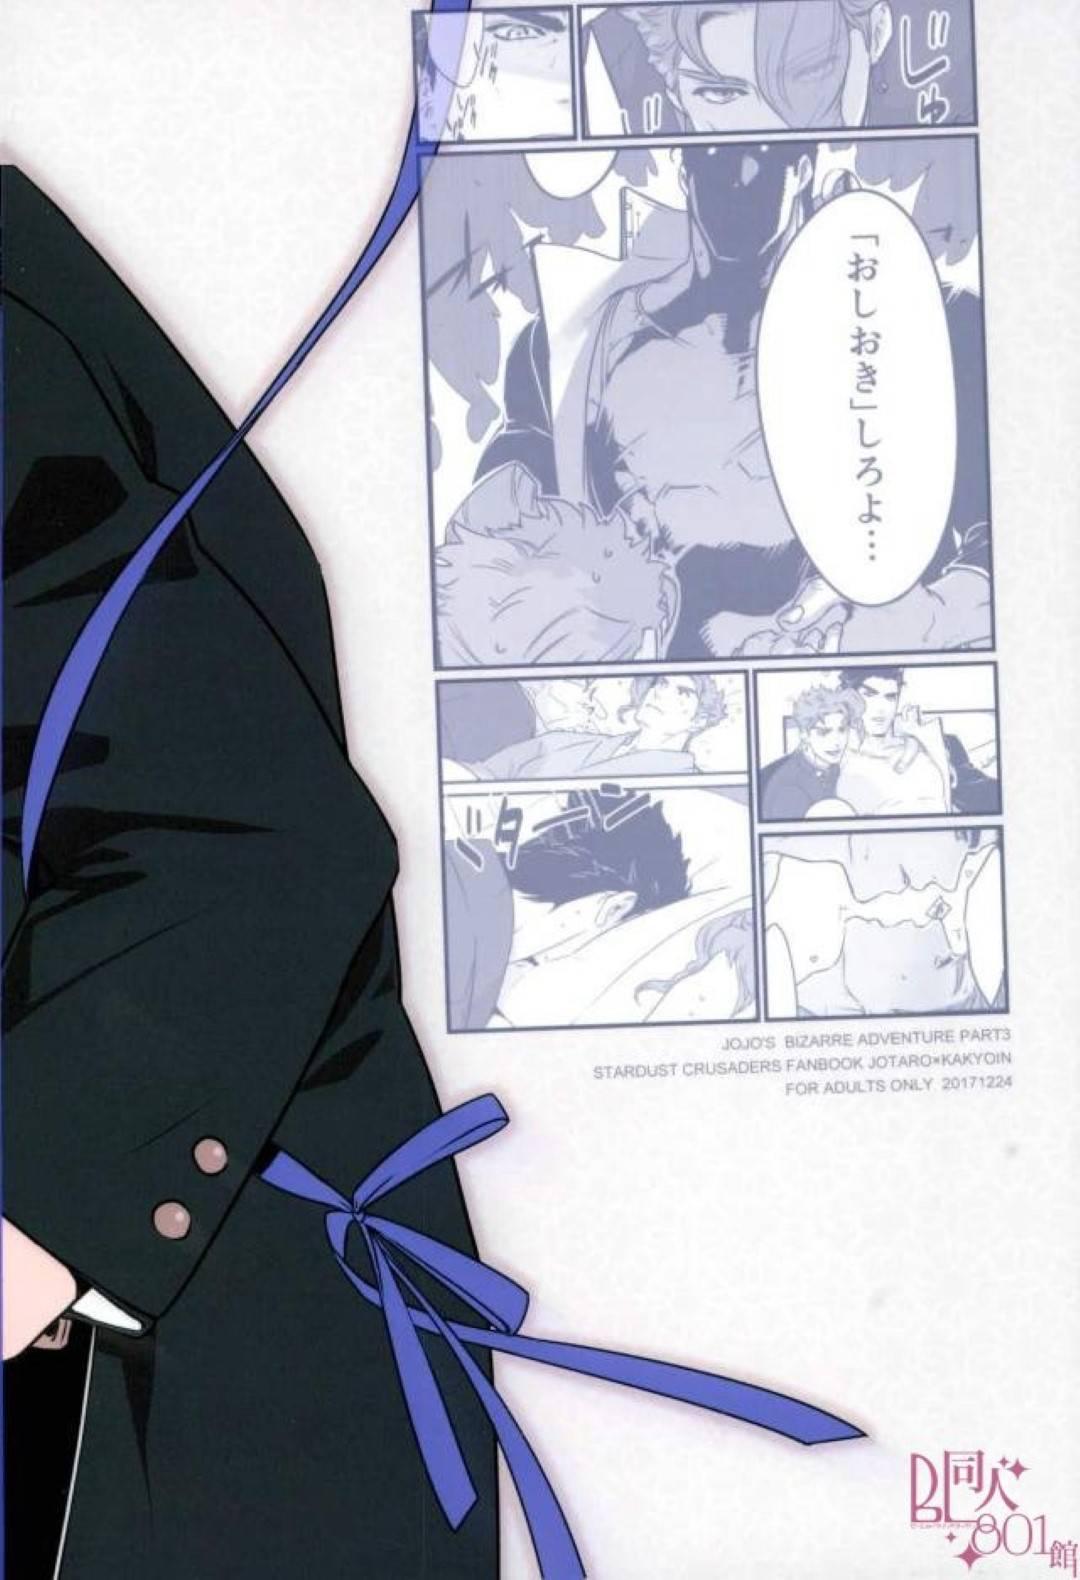 承太郎にお仕置きするはずが逆転される花京院…,無理をした承太郎にお仕置きとして根本緊縛焦らしプレイをする花京院だったが逆転される!承太郎は射精管理されたままアナルセックスで犯されると緊縛を取り中出しされる。